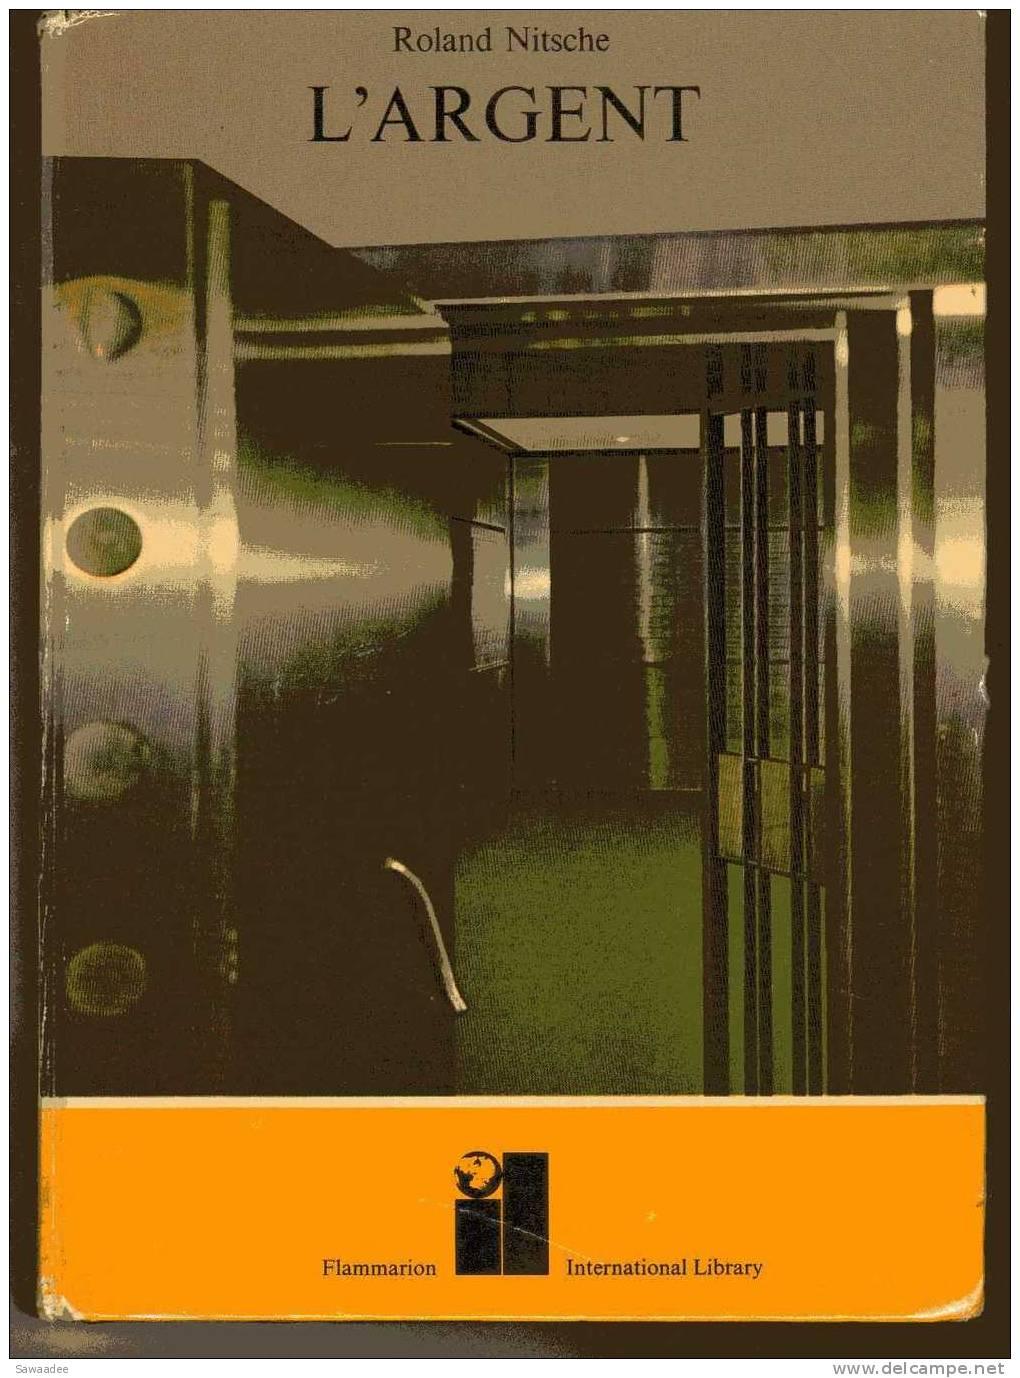 LIVRE - L´ARGENT - ROLAND NITSCHE - FLAMMARION - 1970 - 126 PAGES - NOMBREUX DOCUMENTS NUMISMATIQUES - Livres & Logiciels